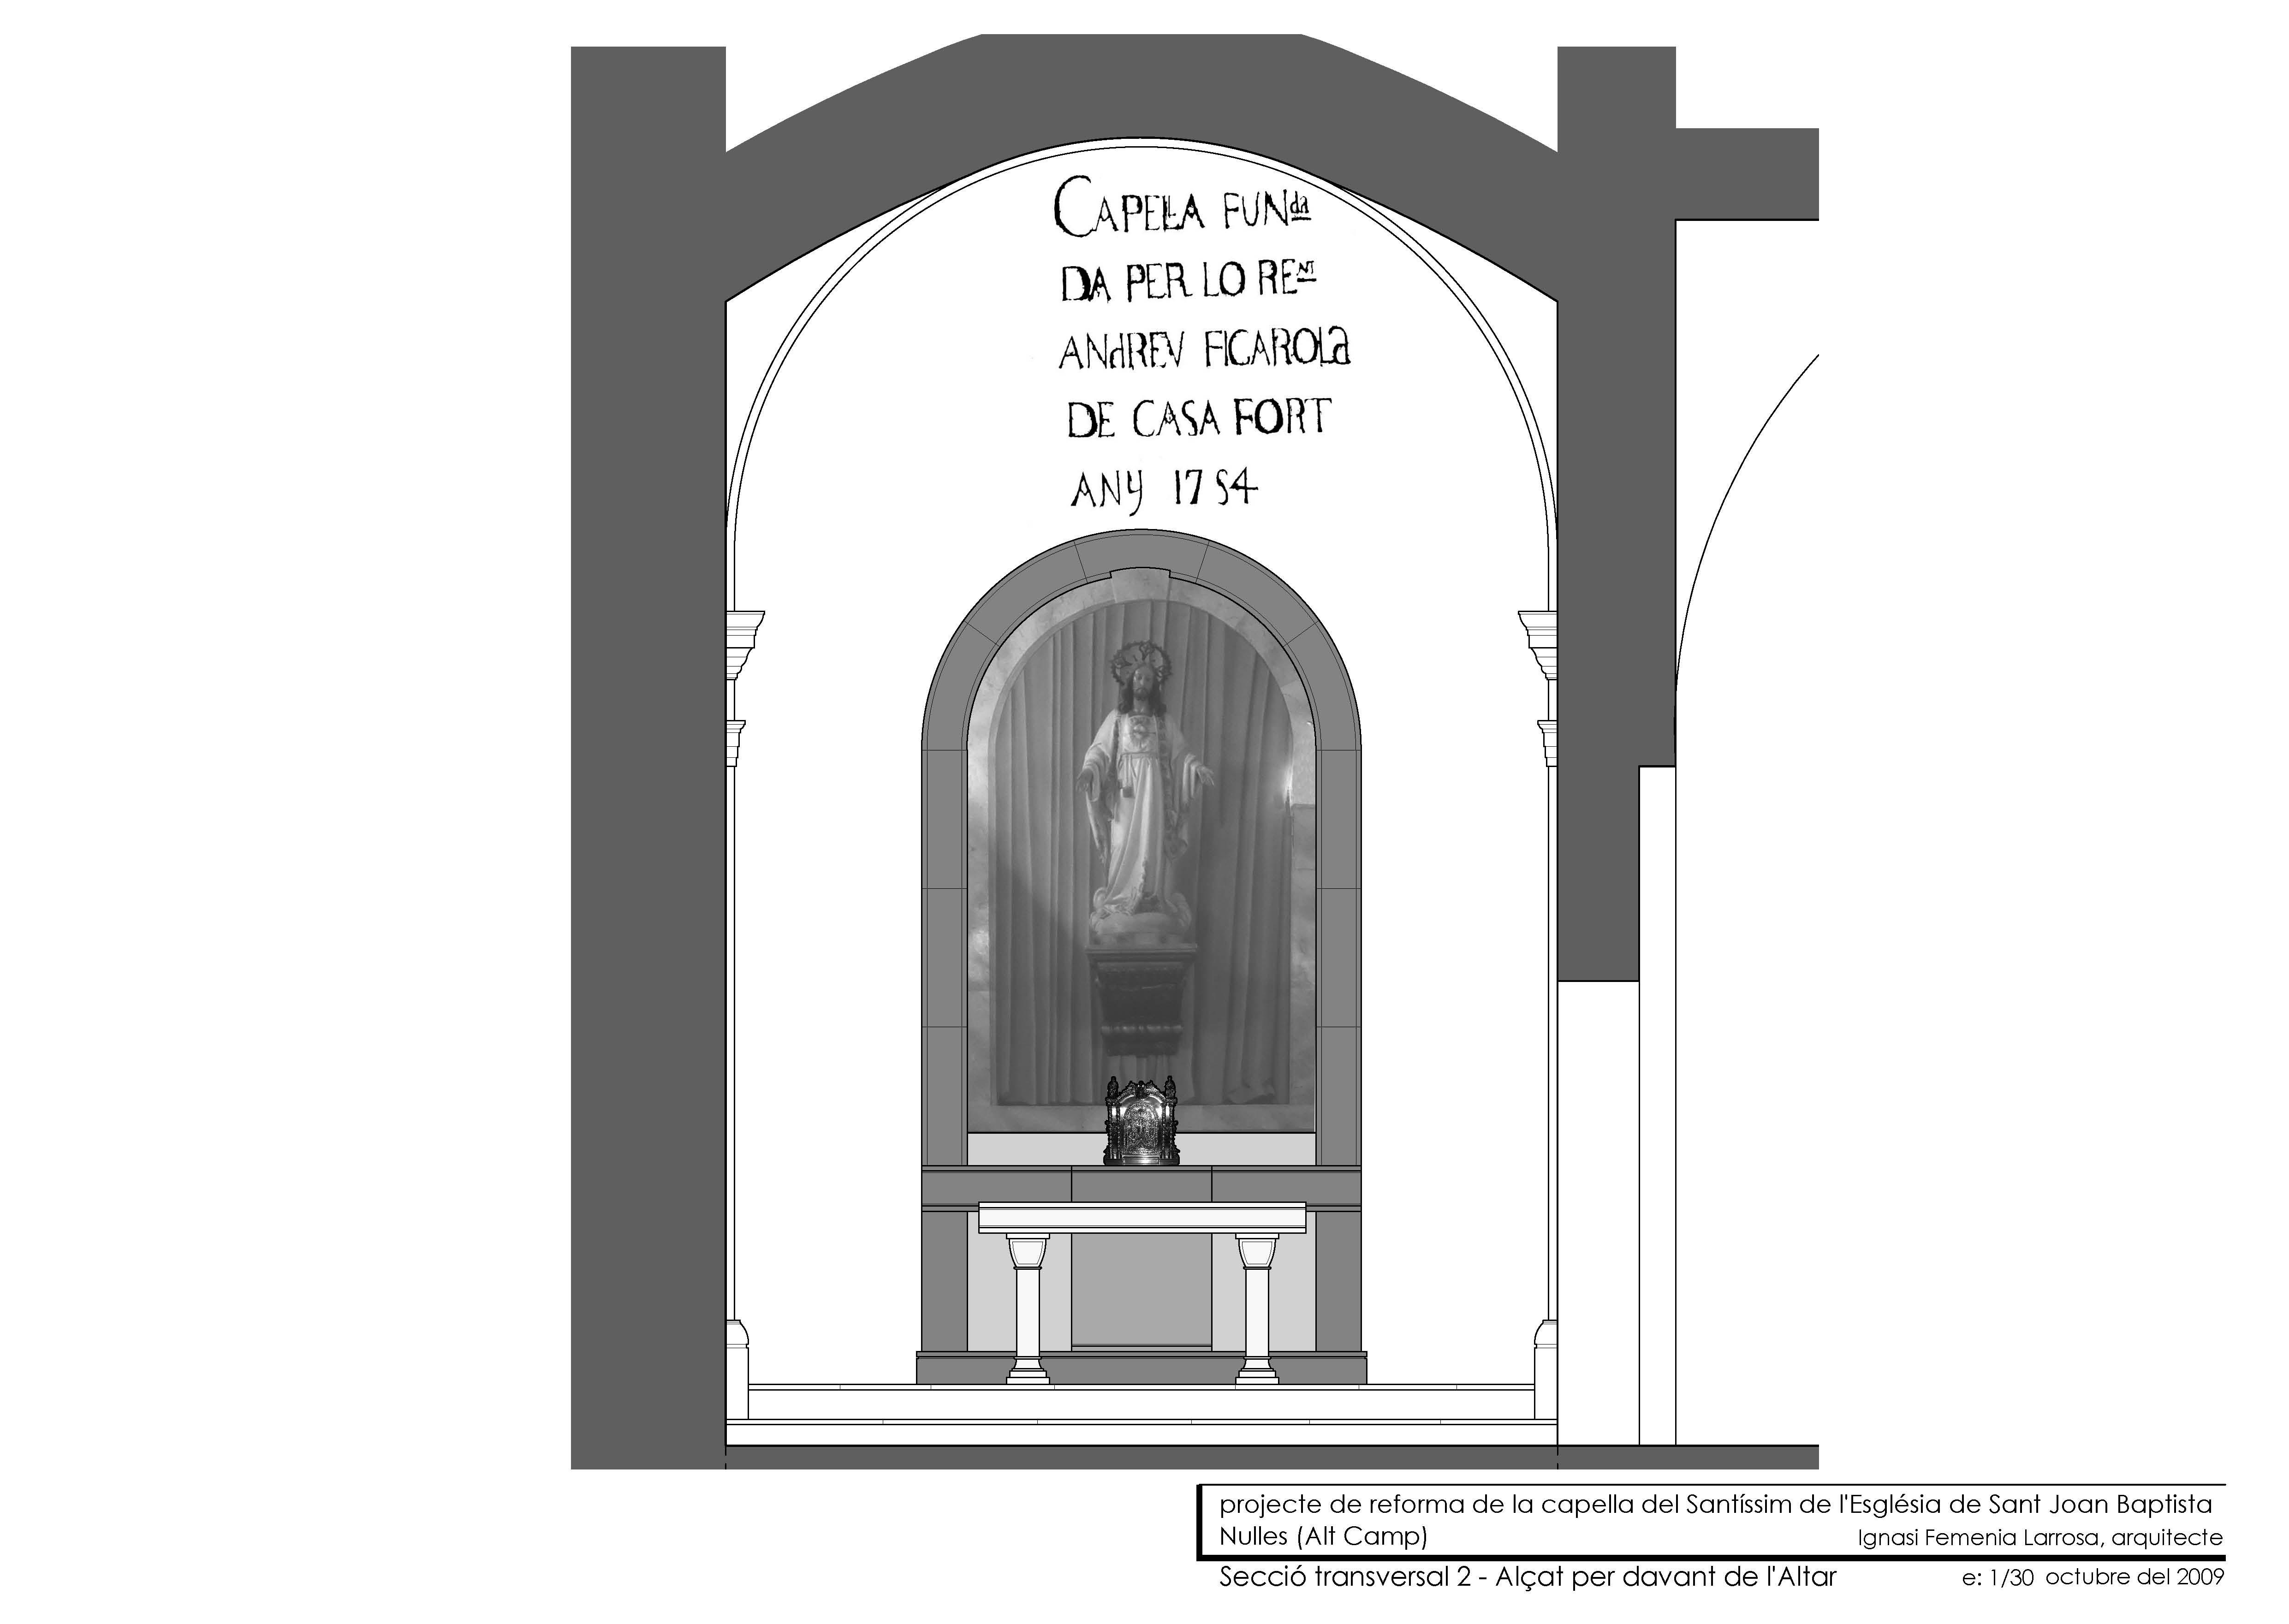 Secció transversal. Alçat altar.